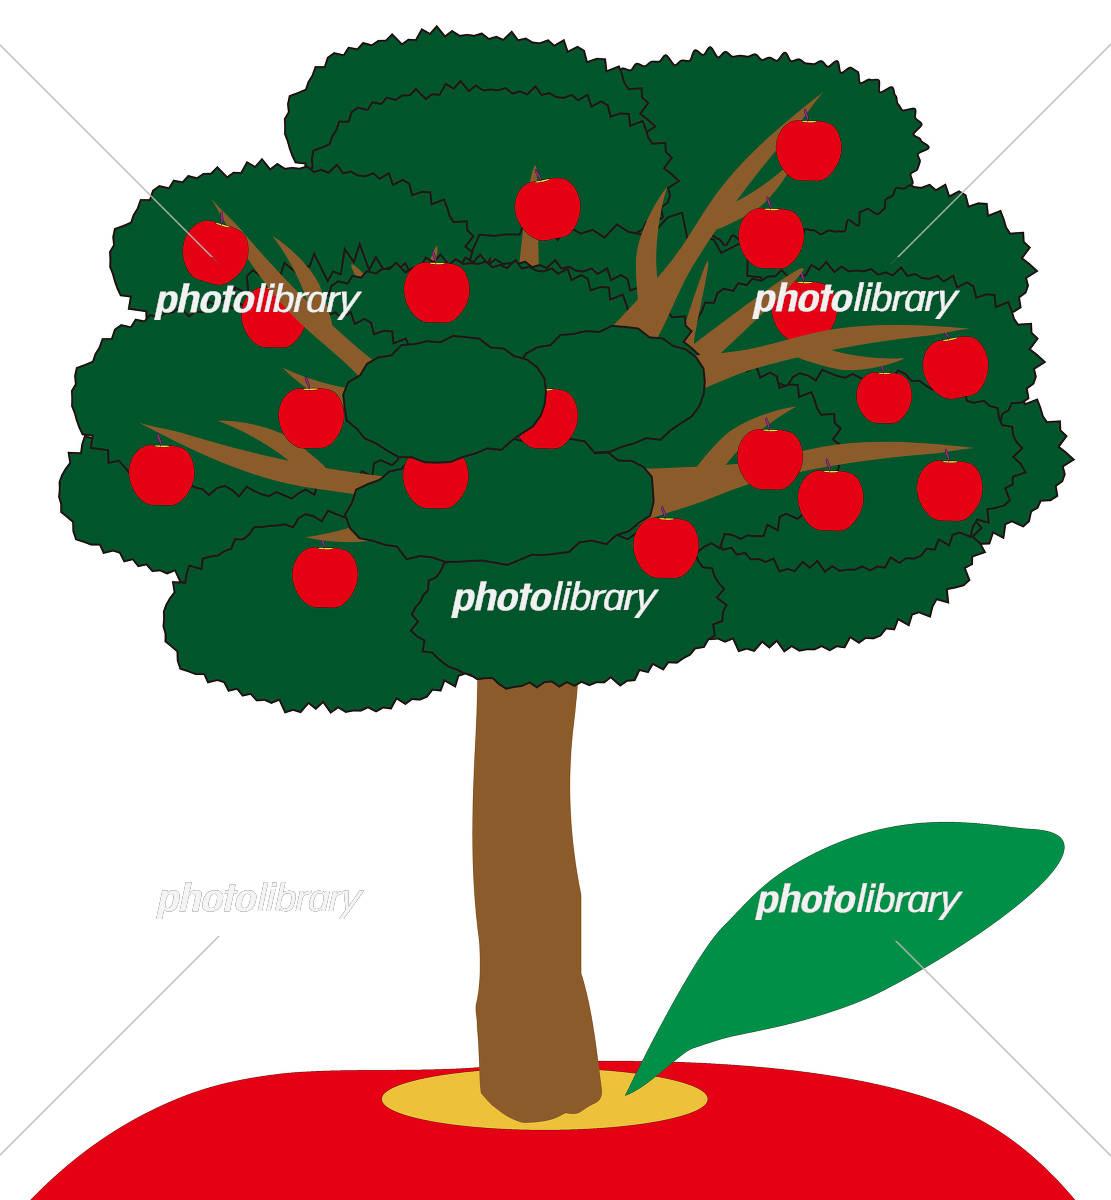 りんごの樹 イラスト素材 5577729 フォトライブラリー Photolibrary